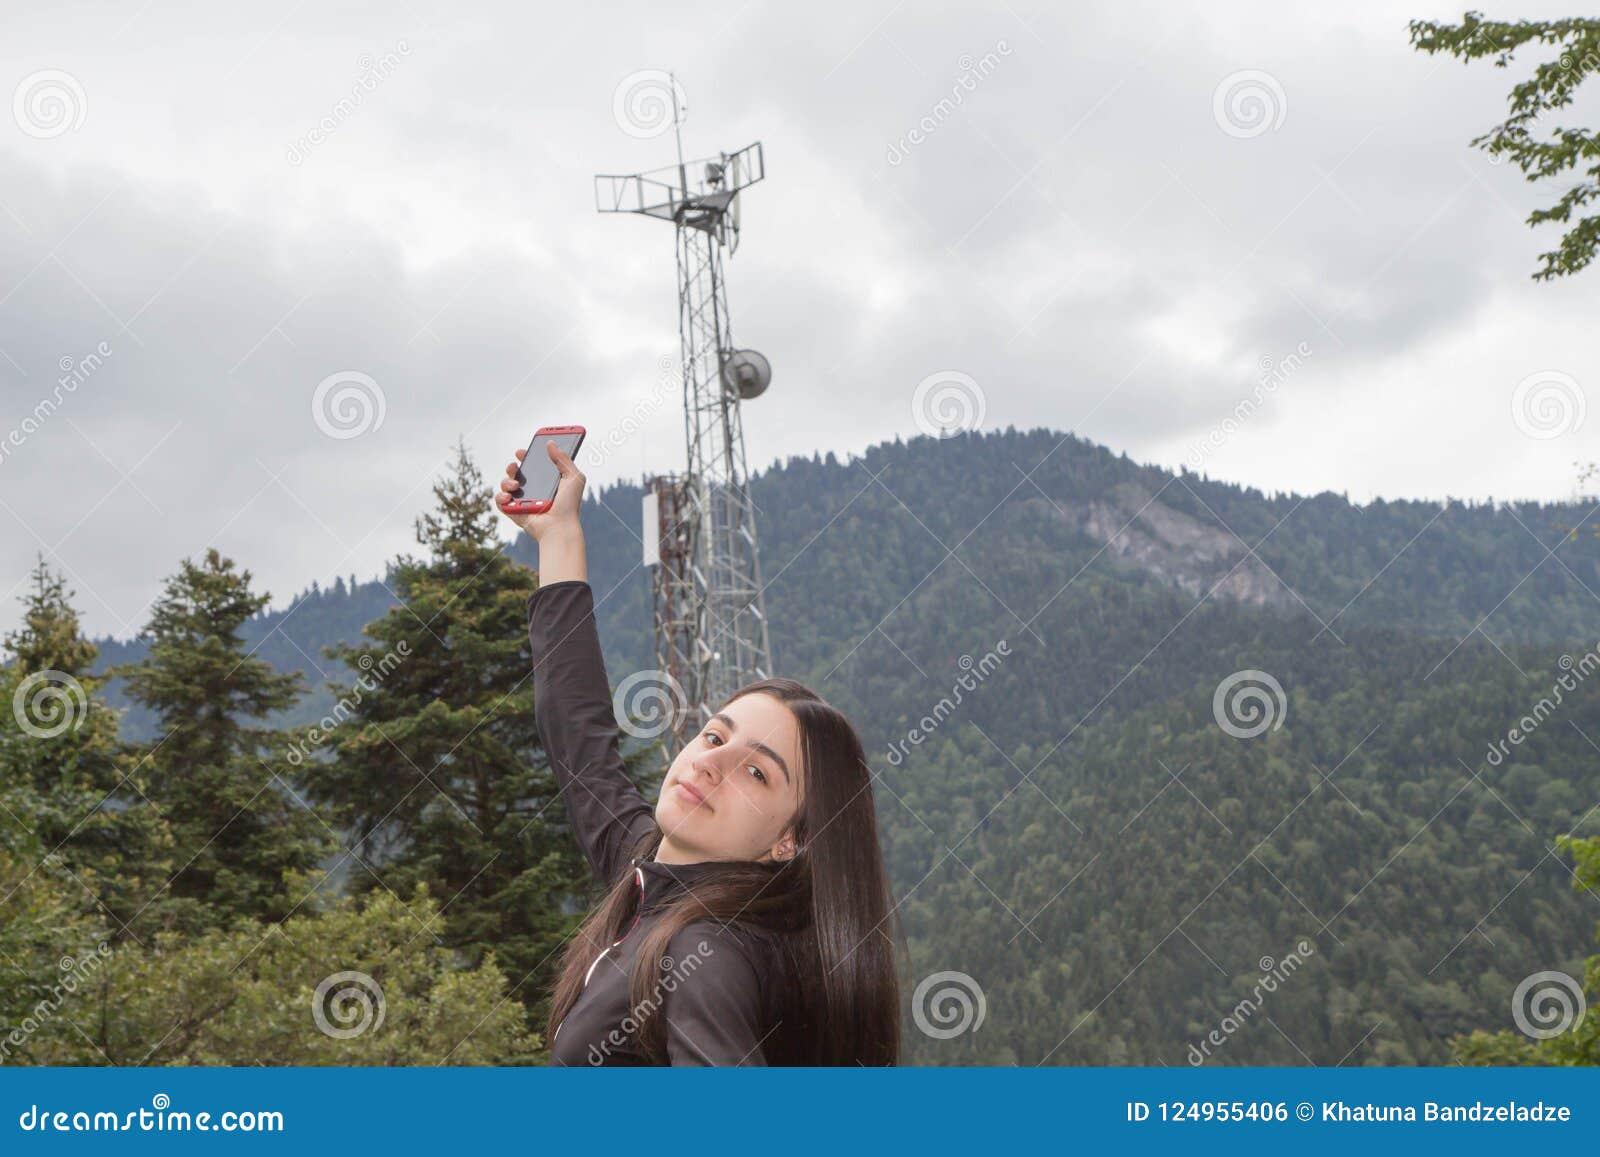 Κορίτσι που χρησιμοποιεί το κινητό τηλέφωνο με τους πύργους τηλεπικοινωνιών με τις κεραίες TV και το δορυφορικό πιάτο